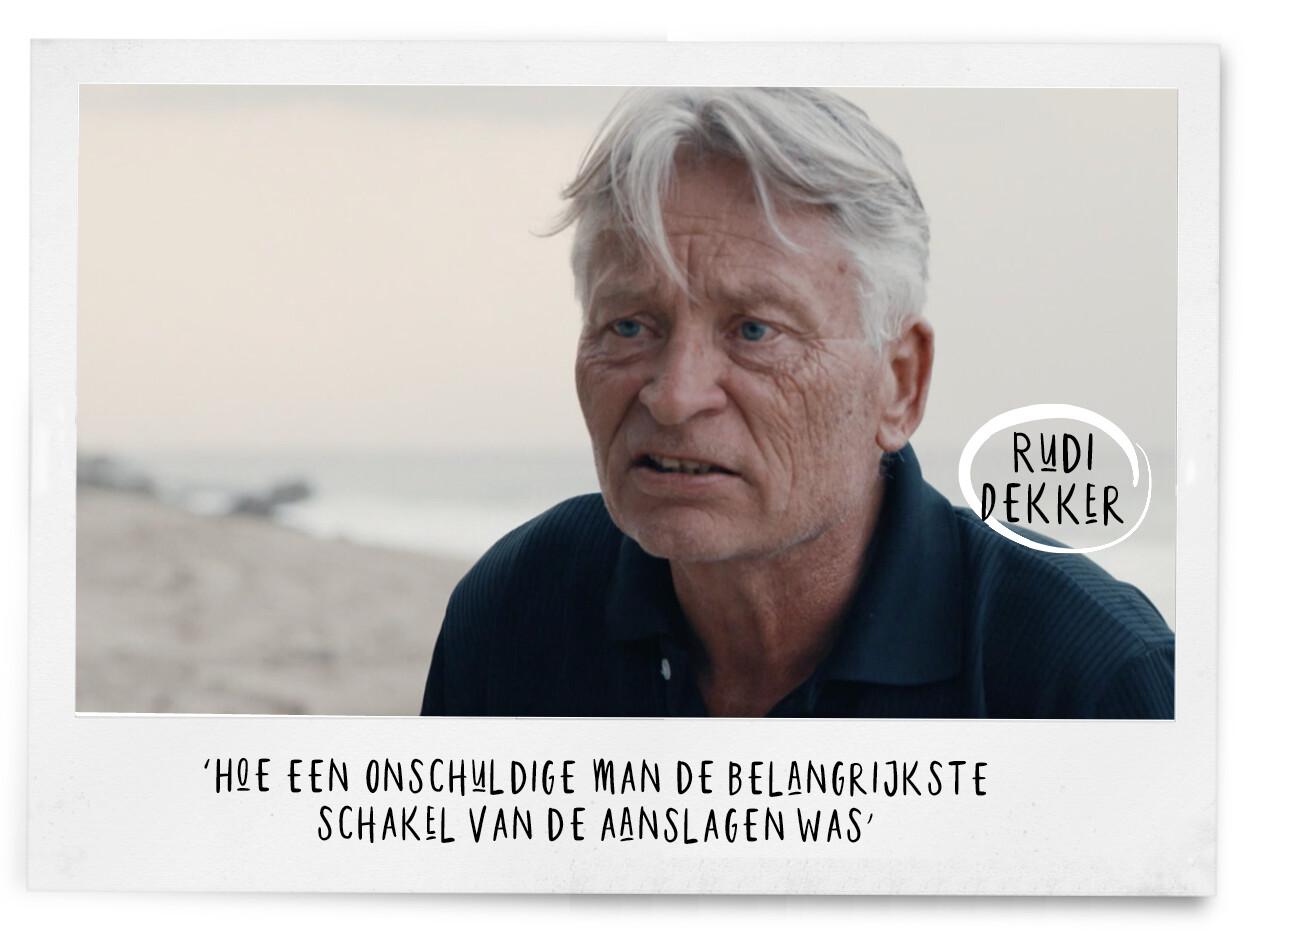 Het ongelooflijke verhaal van Rudi Dekker